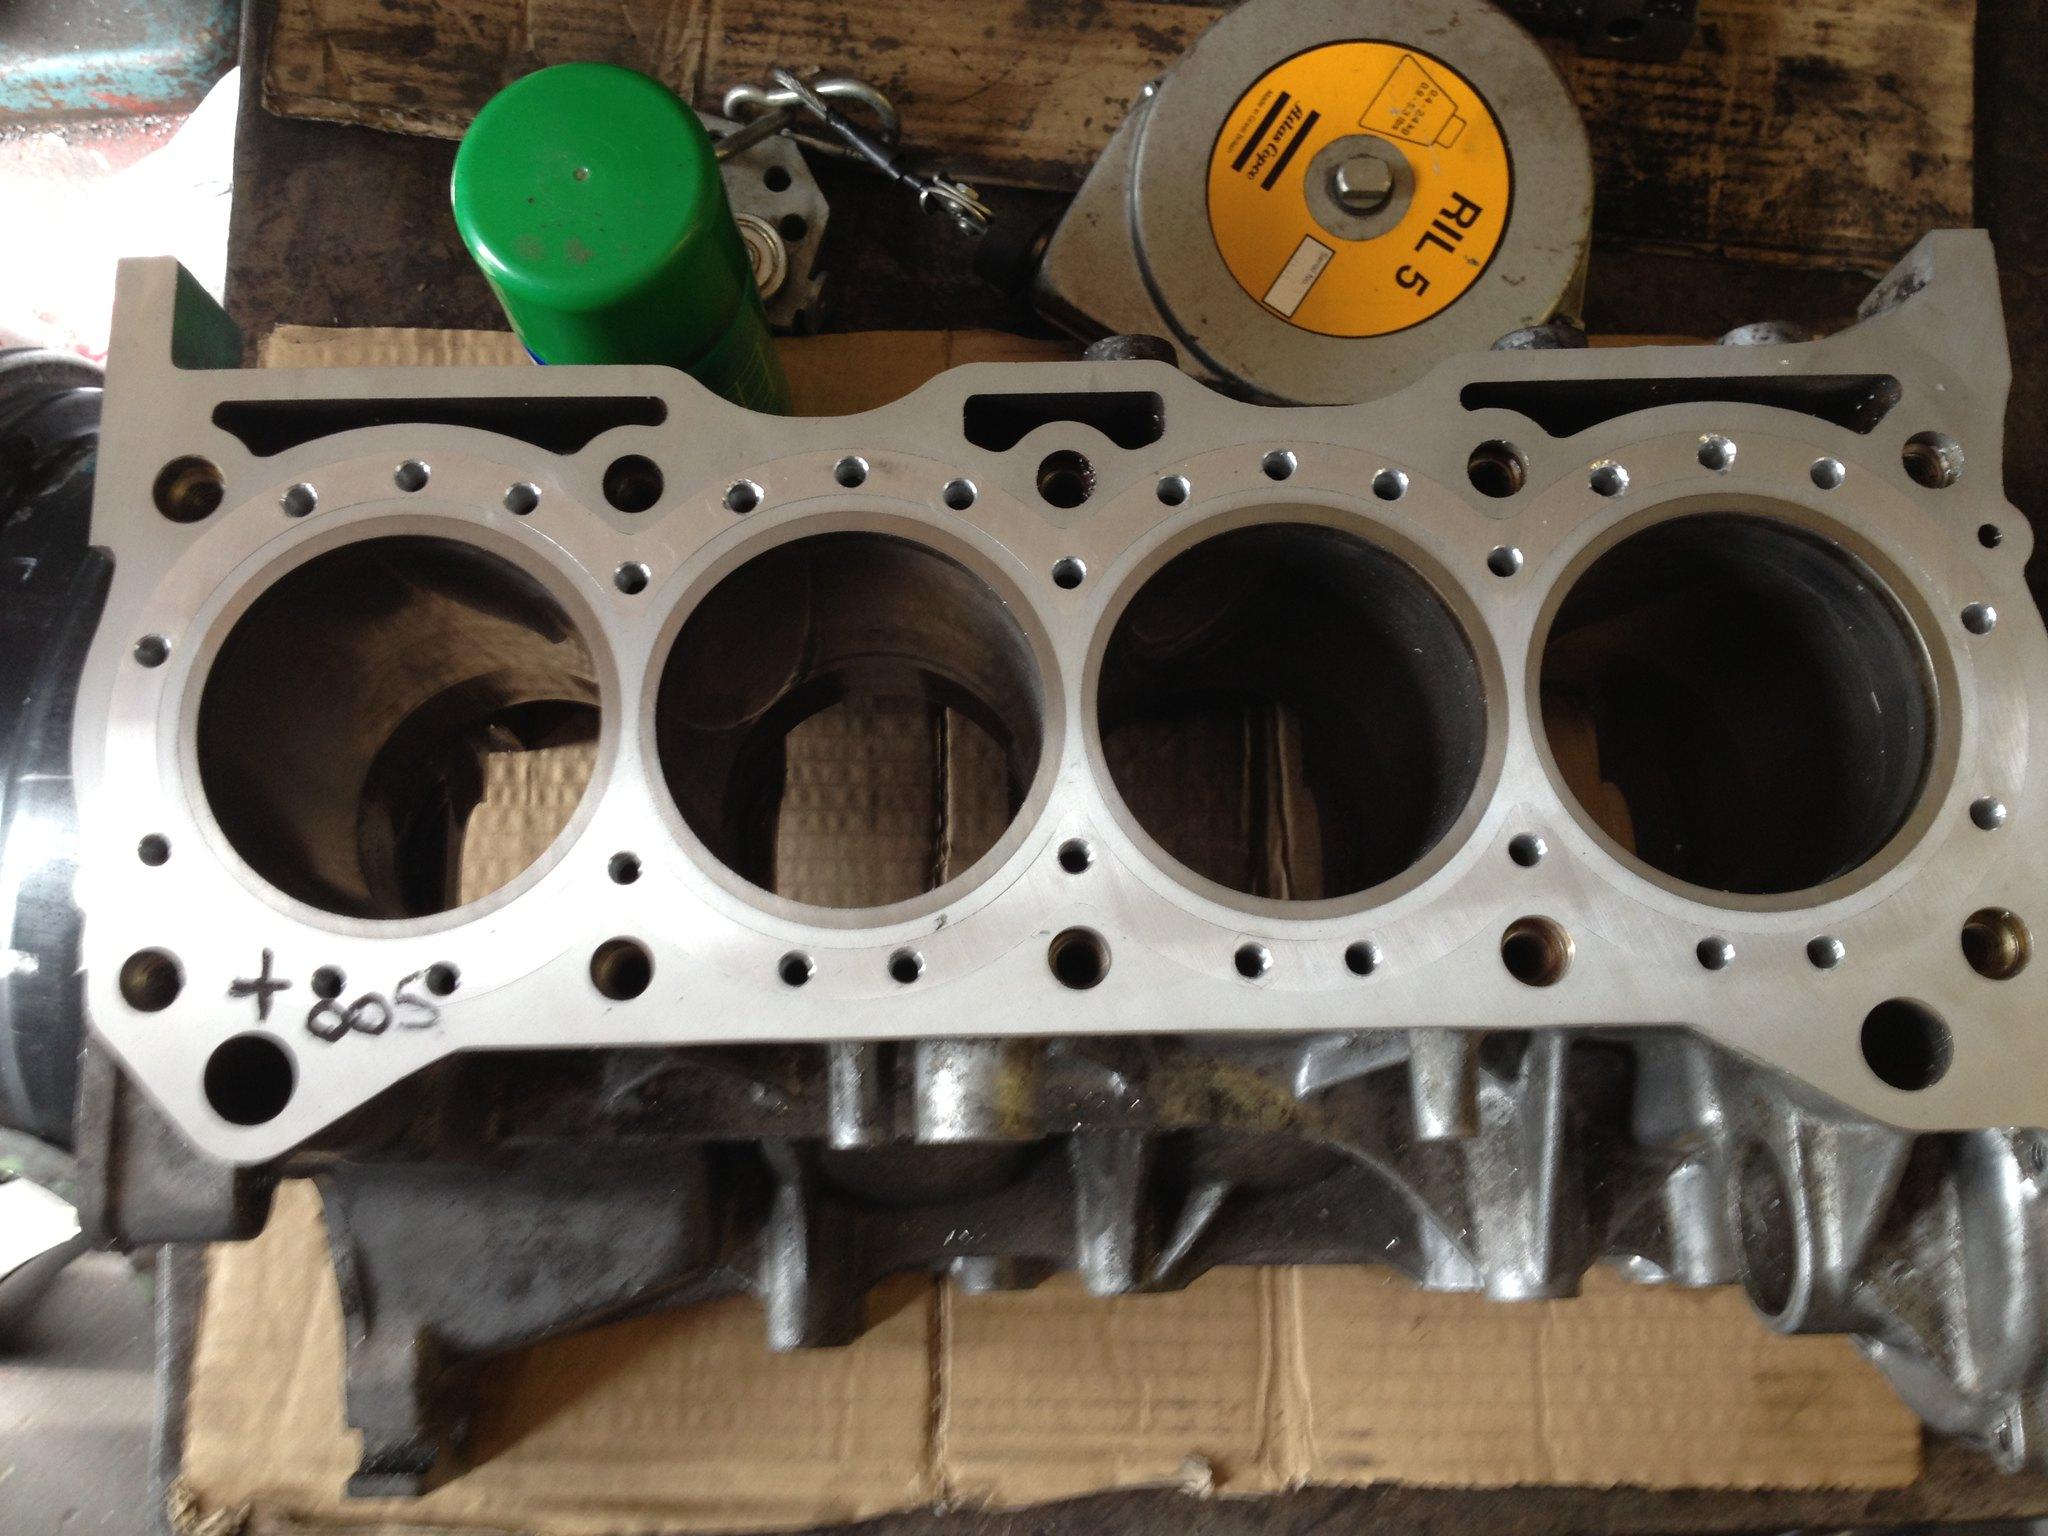 mk1 Gti AWD turbo build 49558899801_8572d588e9_k